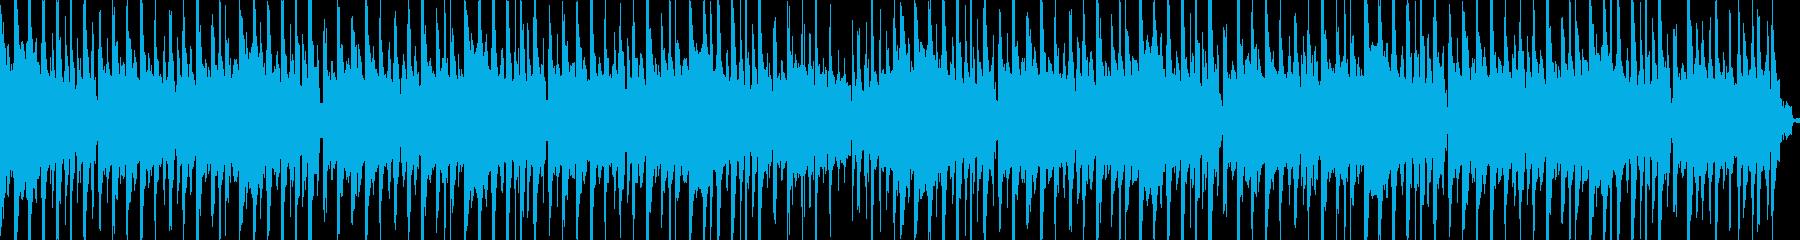 待機画面のBGMの再生済みの波形